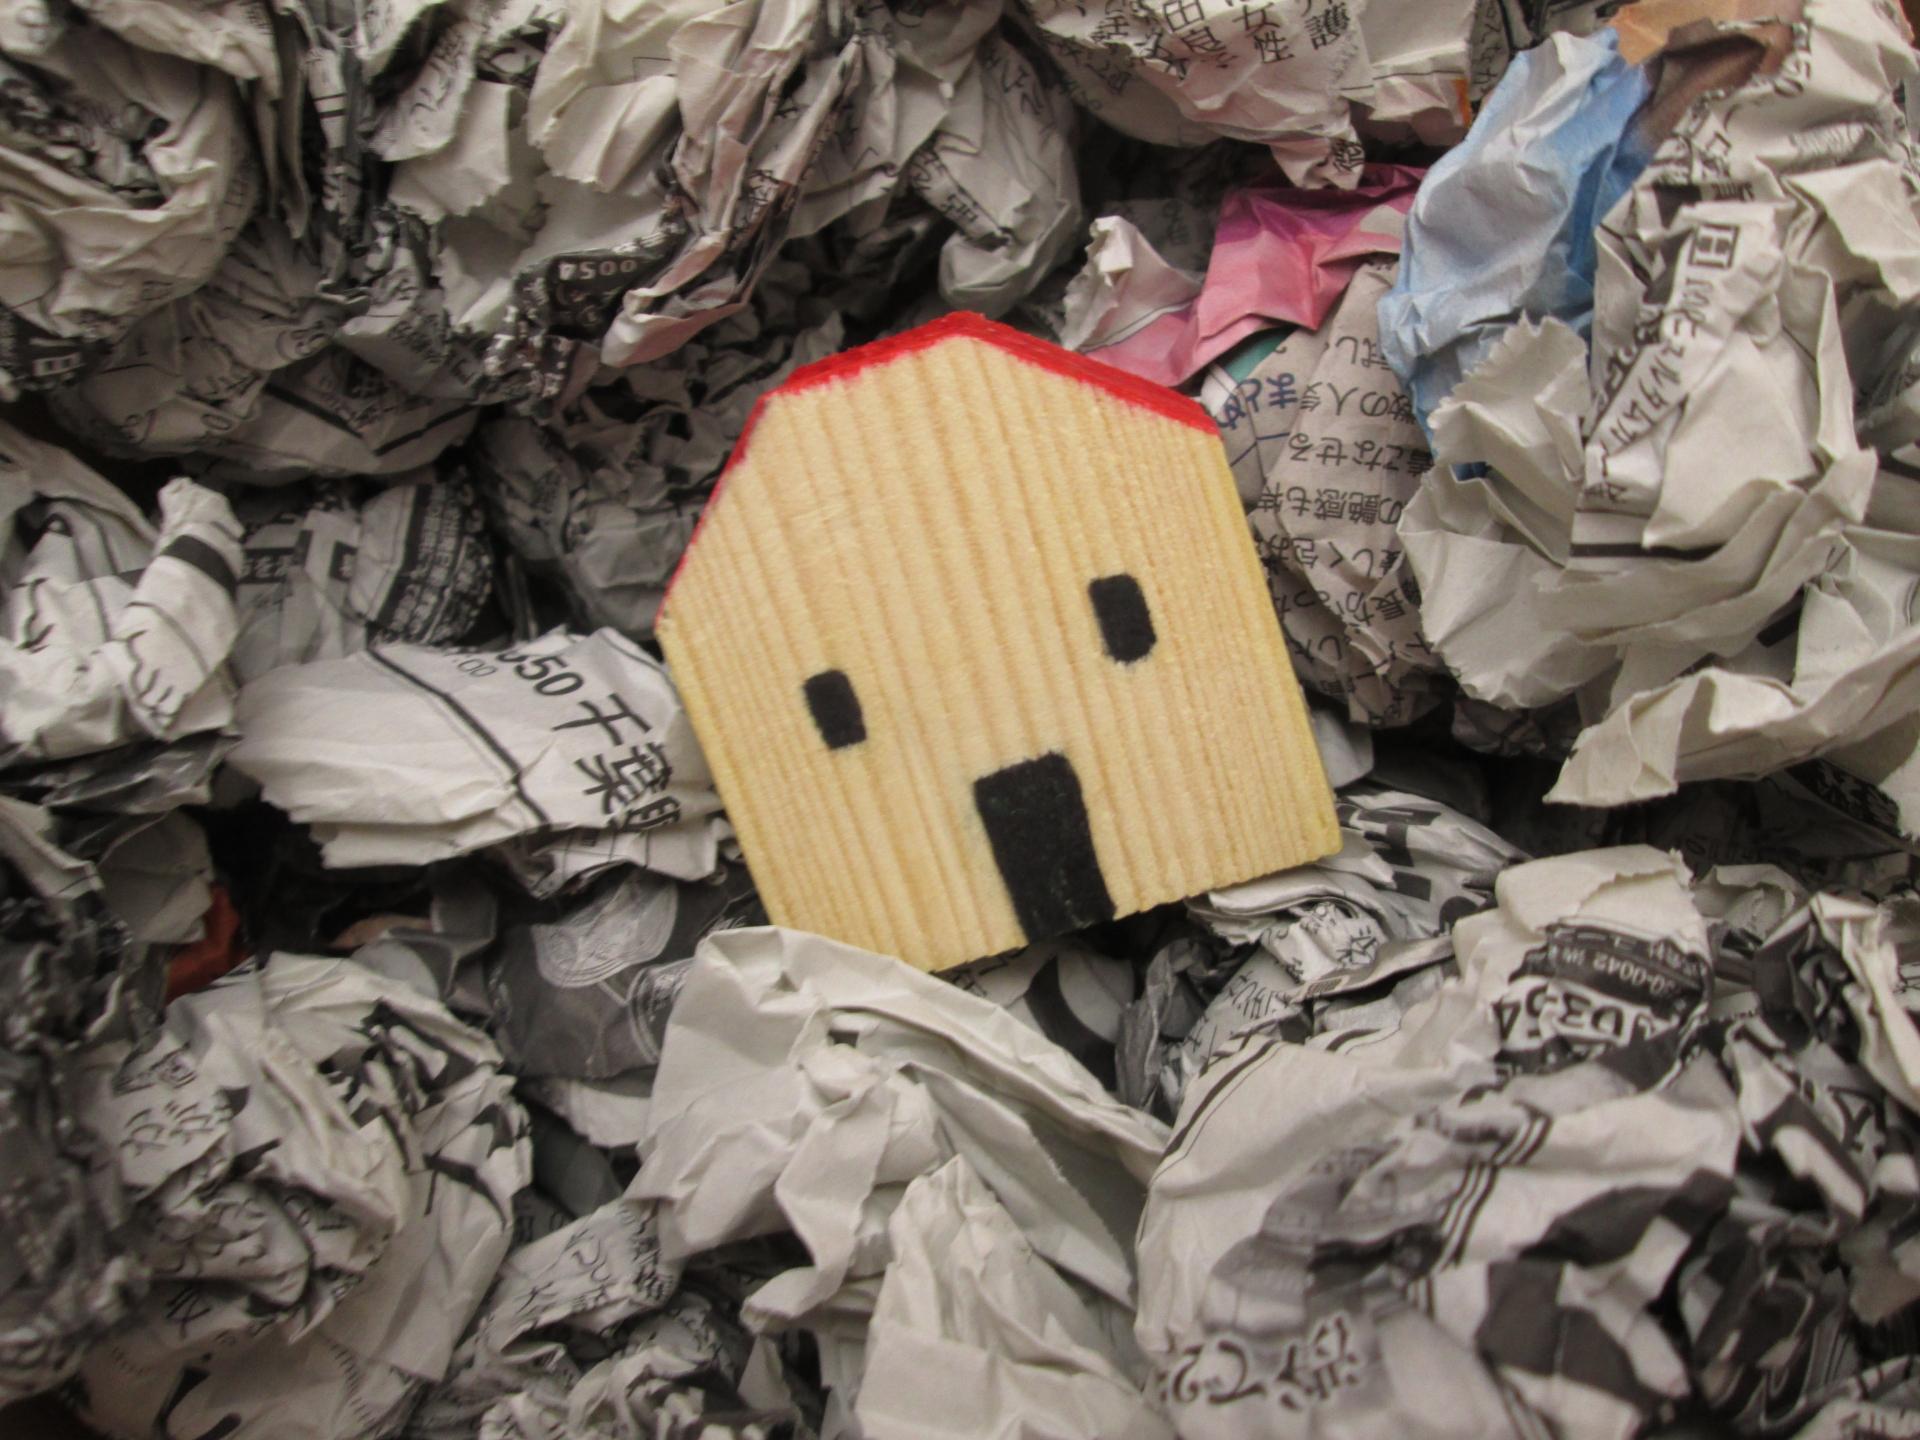 ゴミ屋敷になってしまう原因